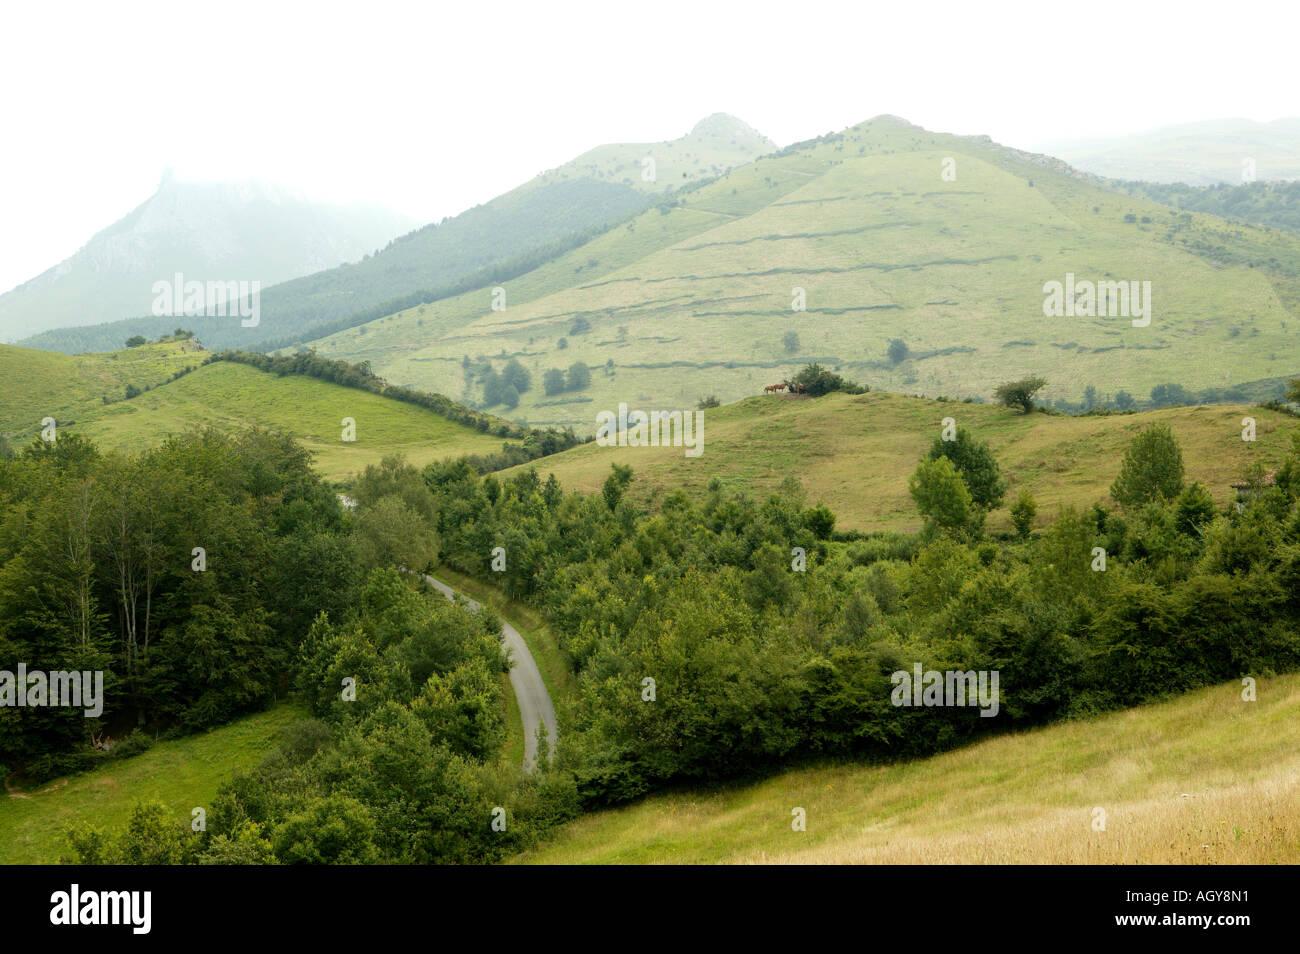 Lazkaumendi, Goierri, Guipuzkoa, Basque, Country, Spain, wild, mountain, tree, txindoki, chindoki - Stock Image